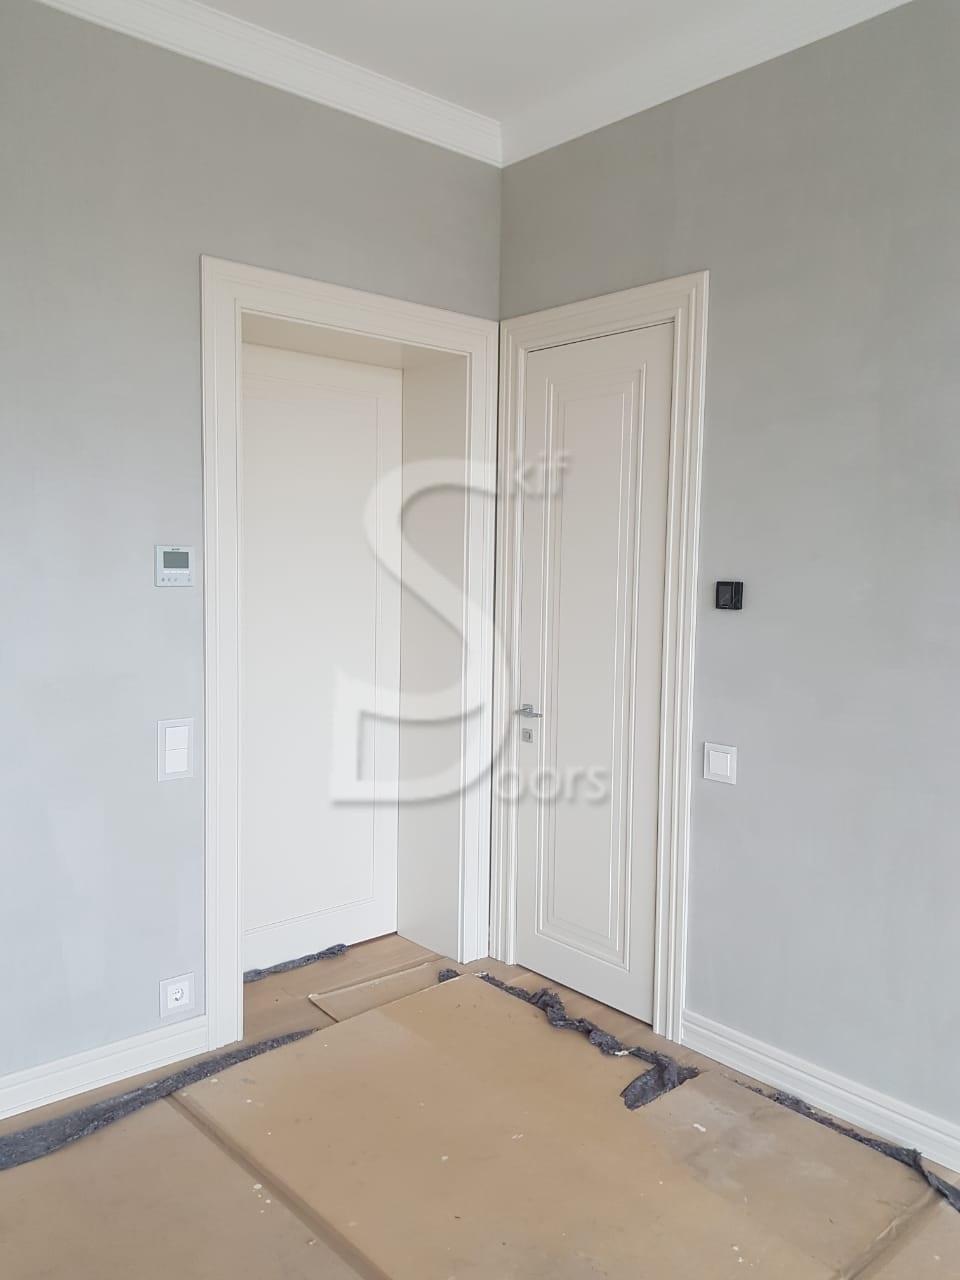 Doors 2019-2020 (12)